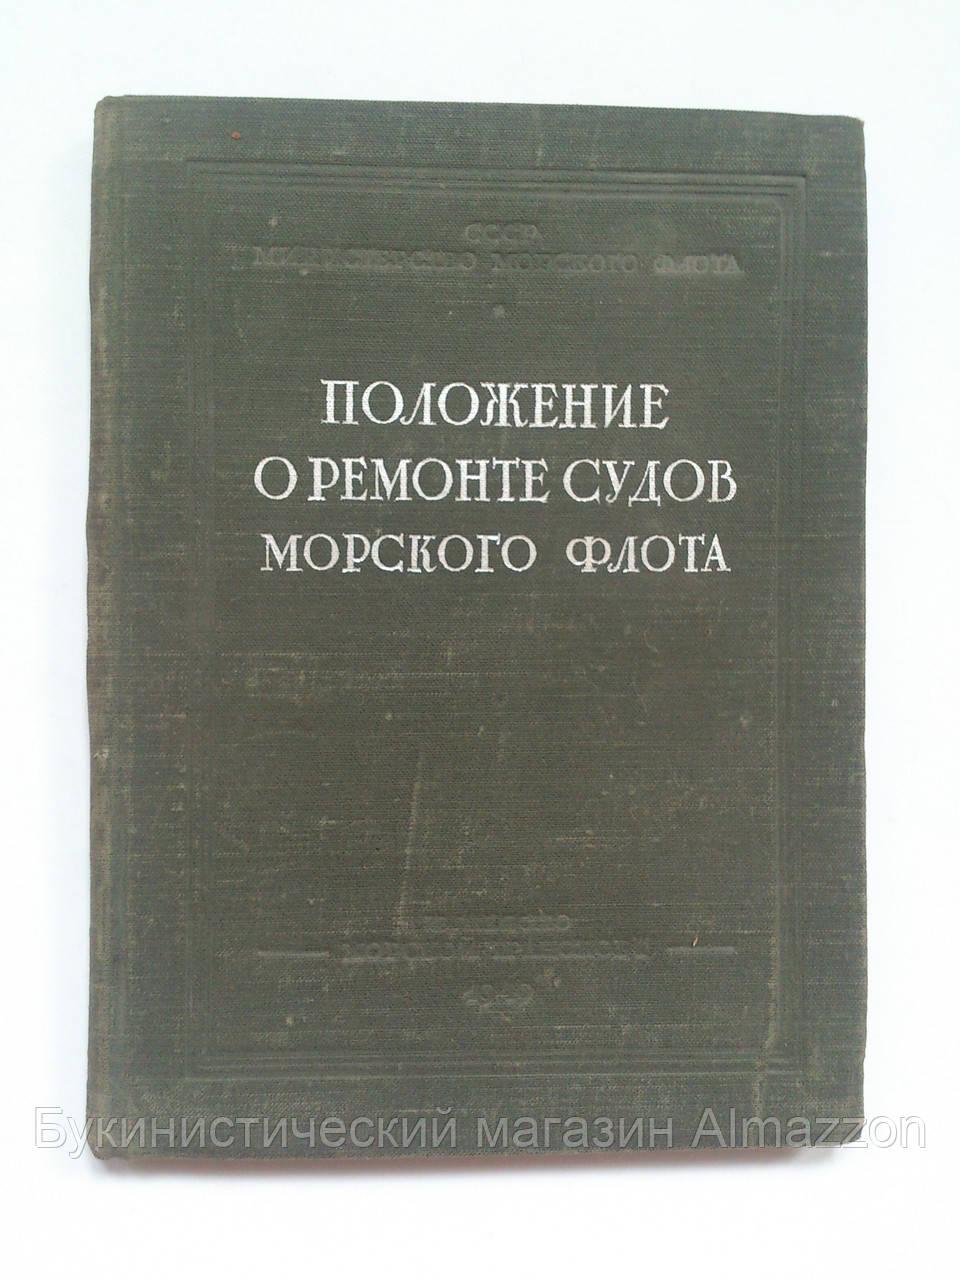 8696e9a4fb7e8 Положение о ремонте судов морского флота 1949 год - Букинистический магазин  Almazzon в Одессе